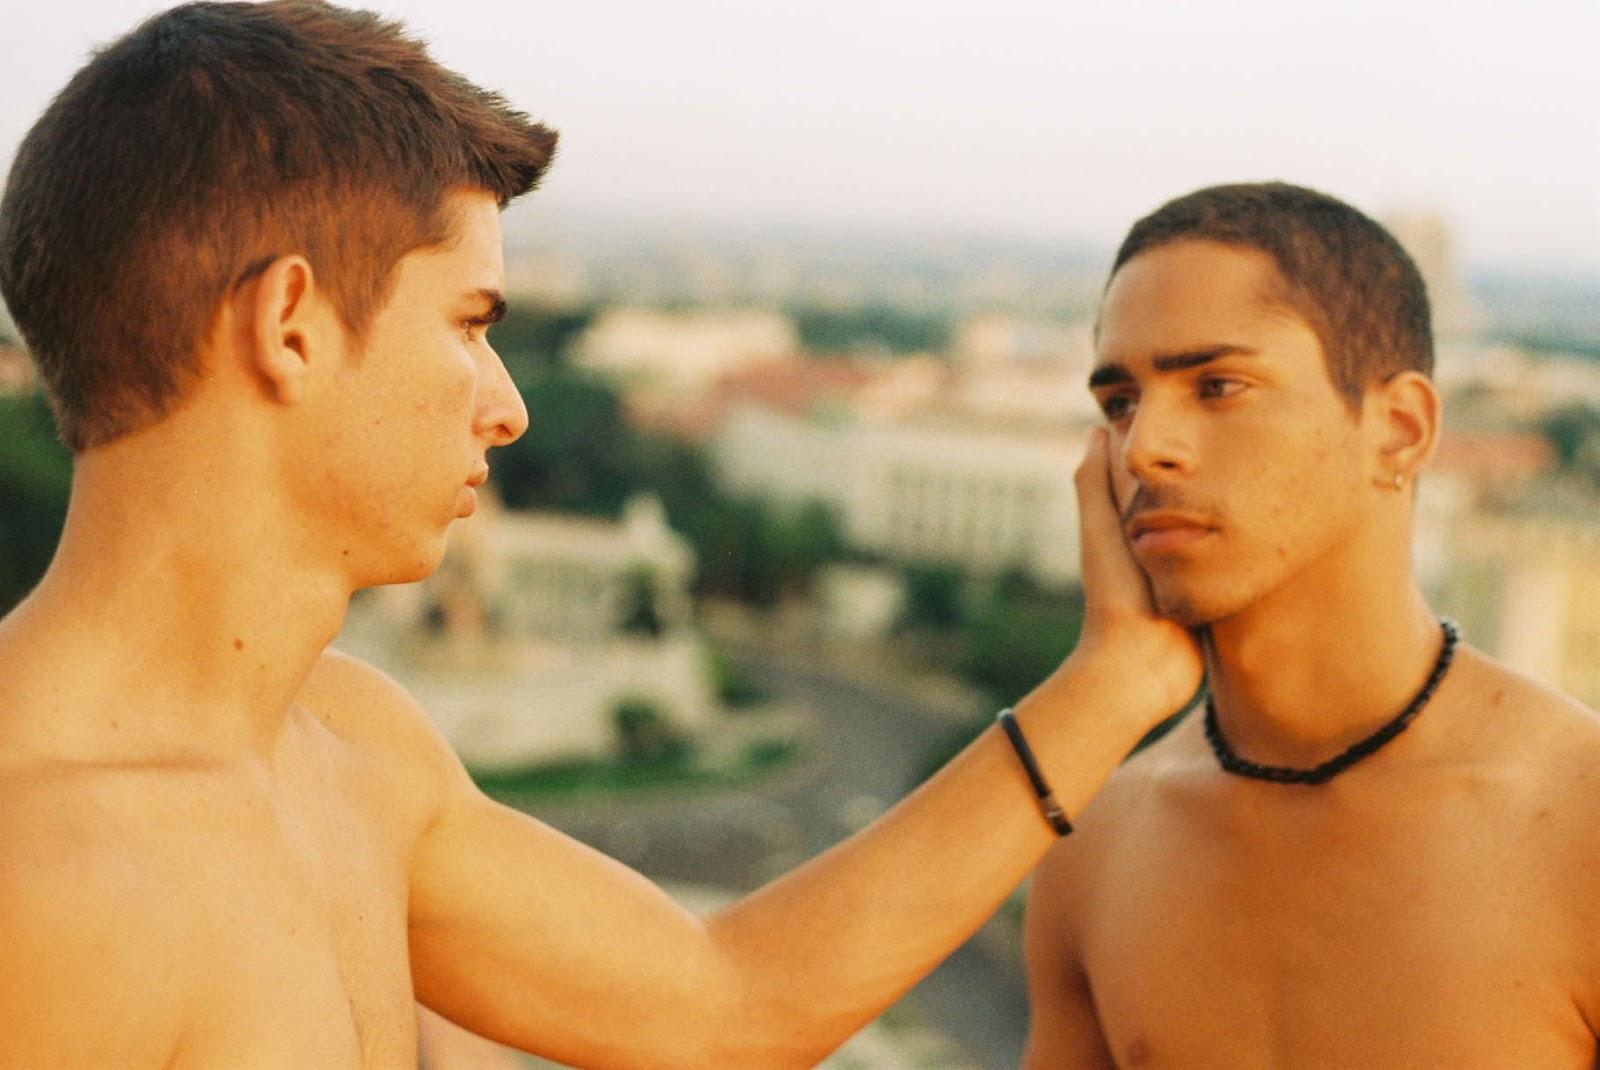 Gay latino man photo